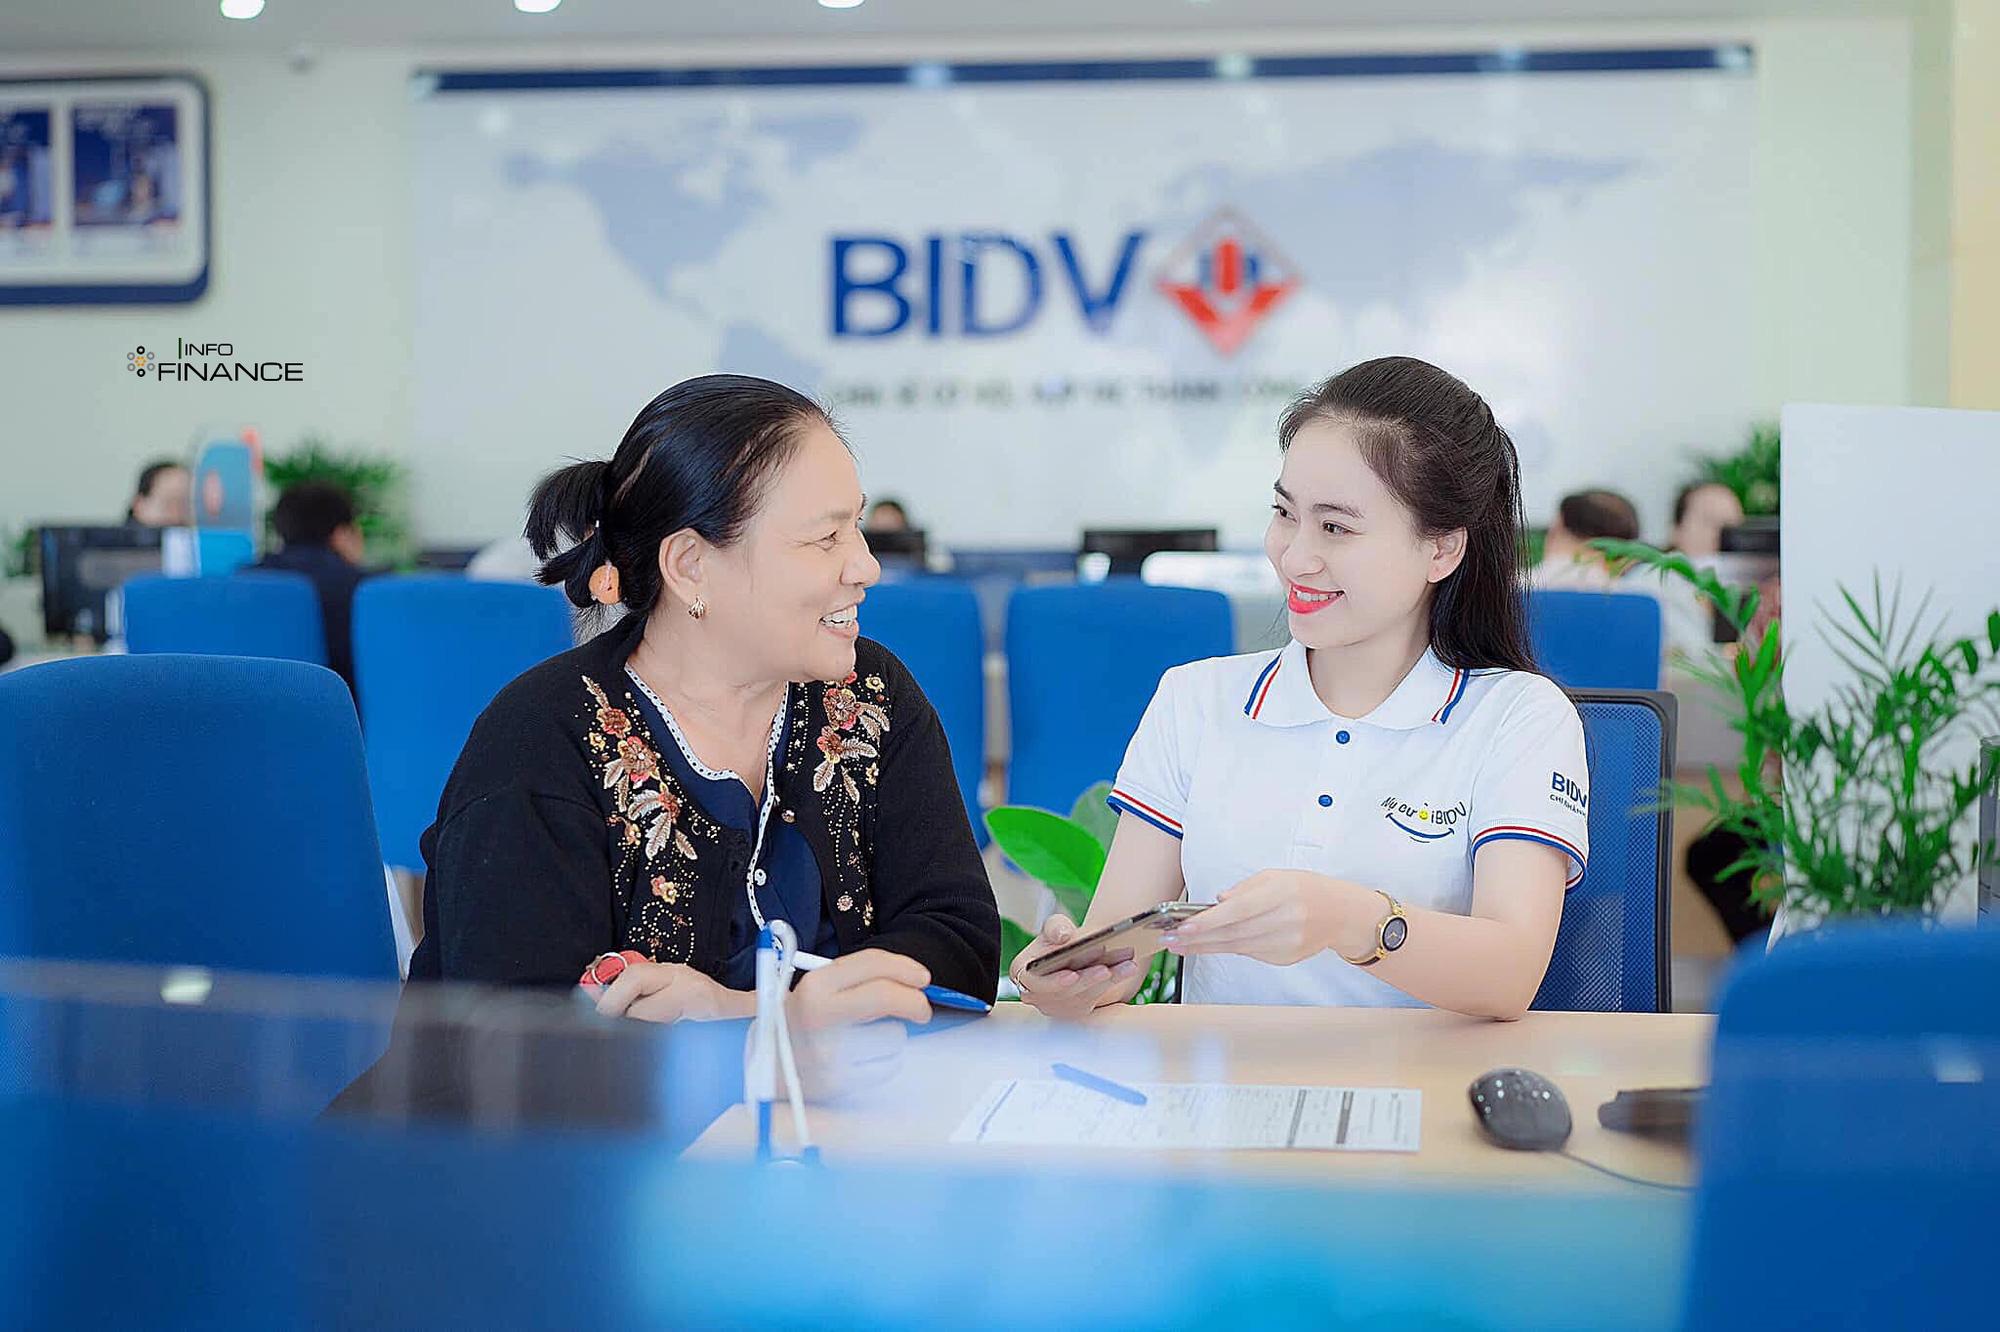 Lãi suất ngân hàng BIDV tiếp tục ổn định trong tháng 10/2021 - Ảnh 1.